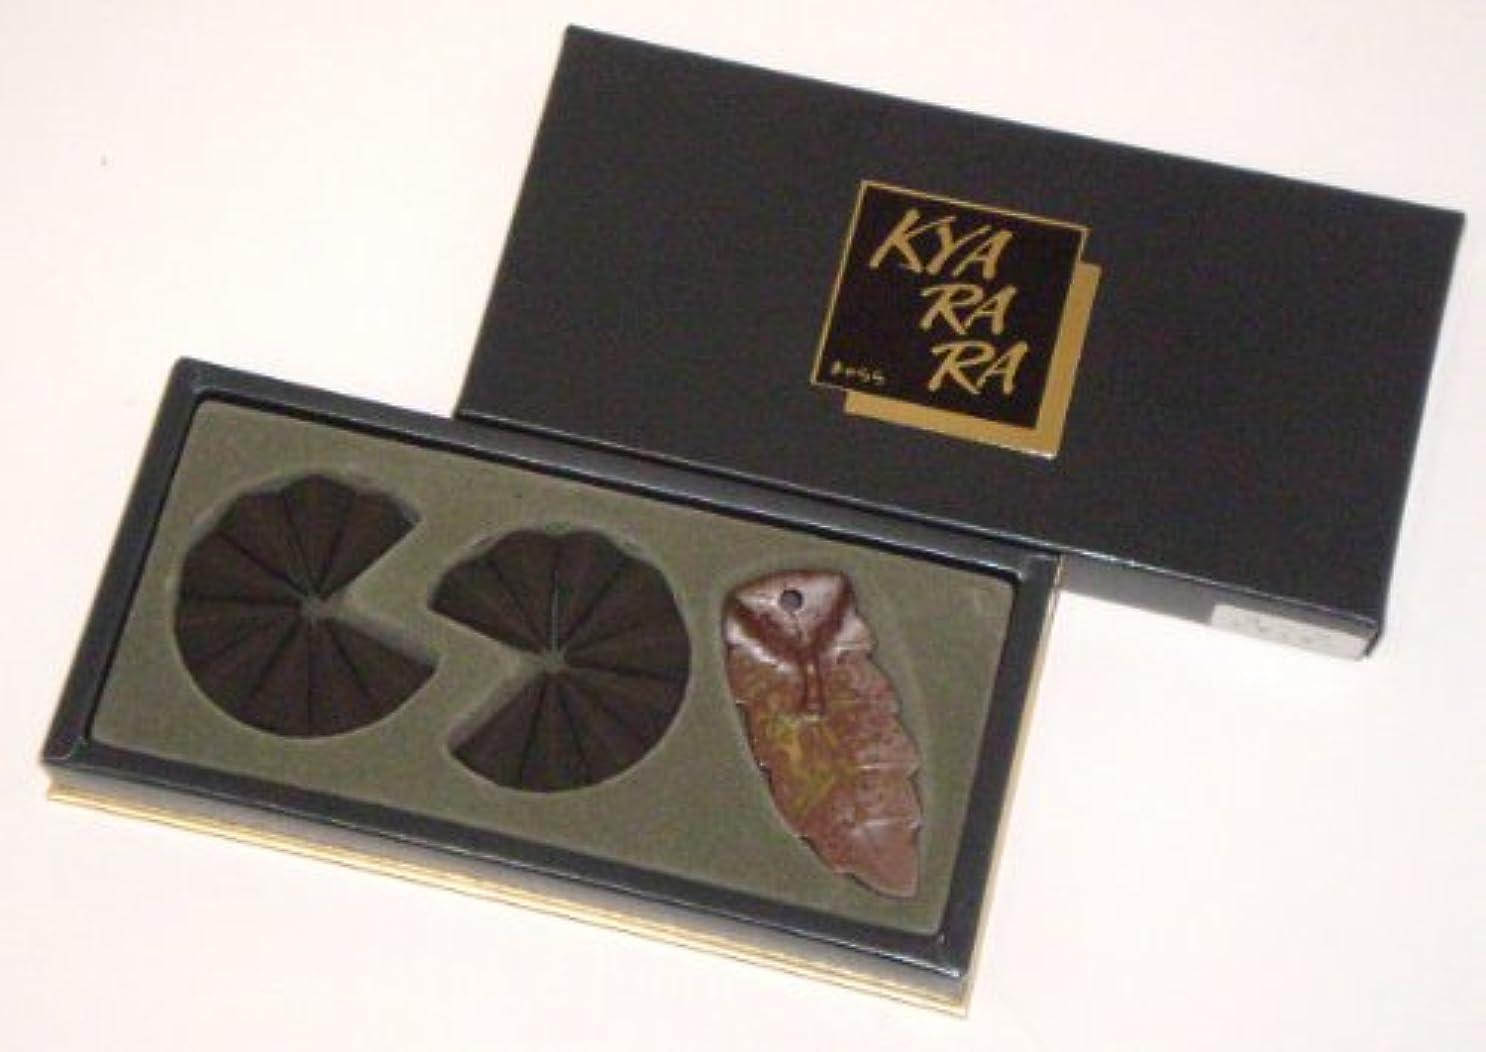 奨励変形バリア玉初堂のお香 キャララ コーンレギュラーセット #5233